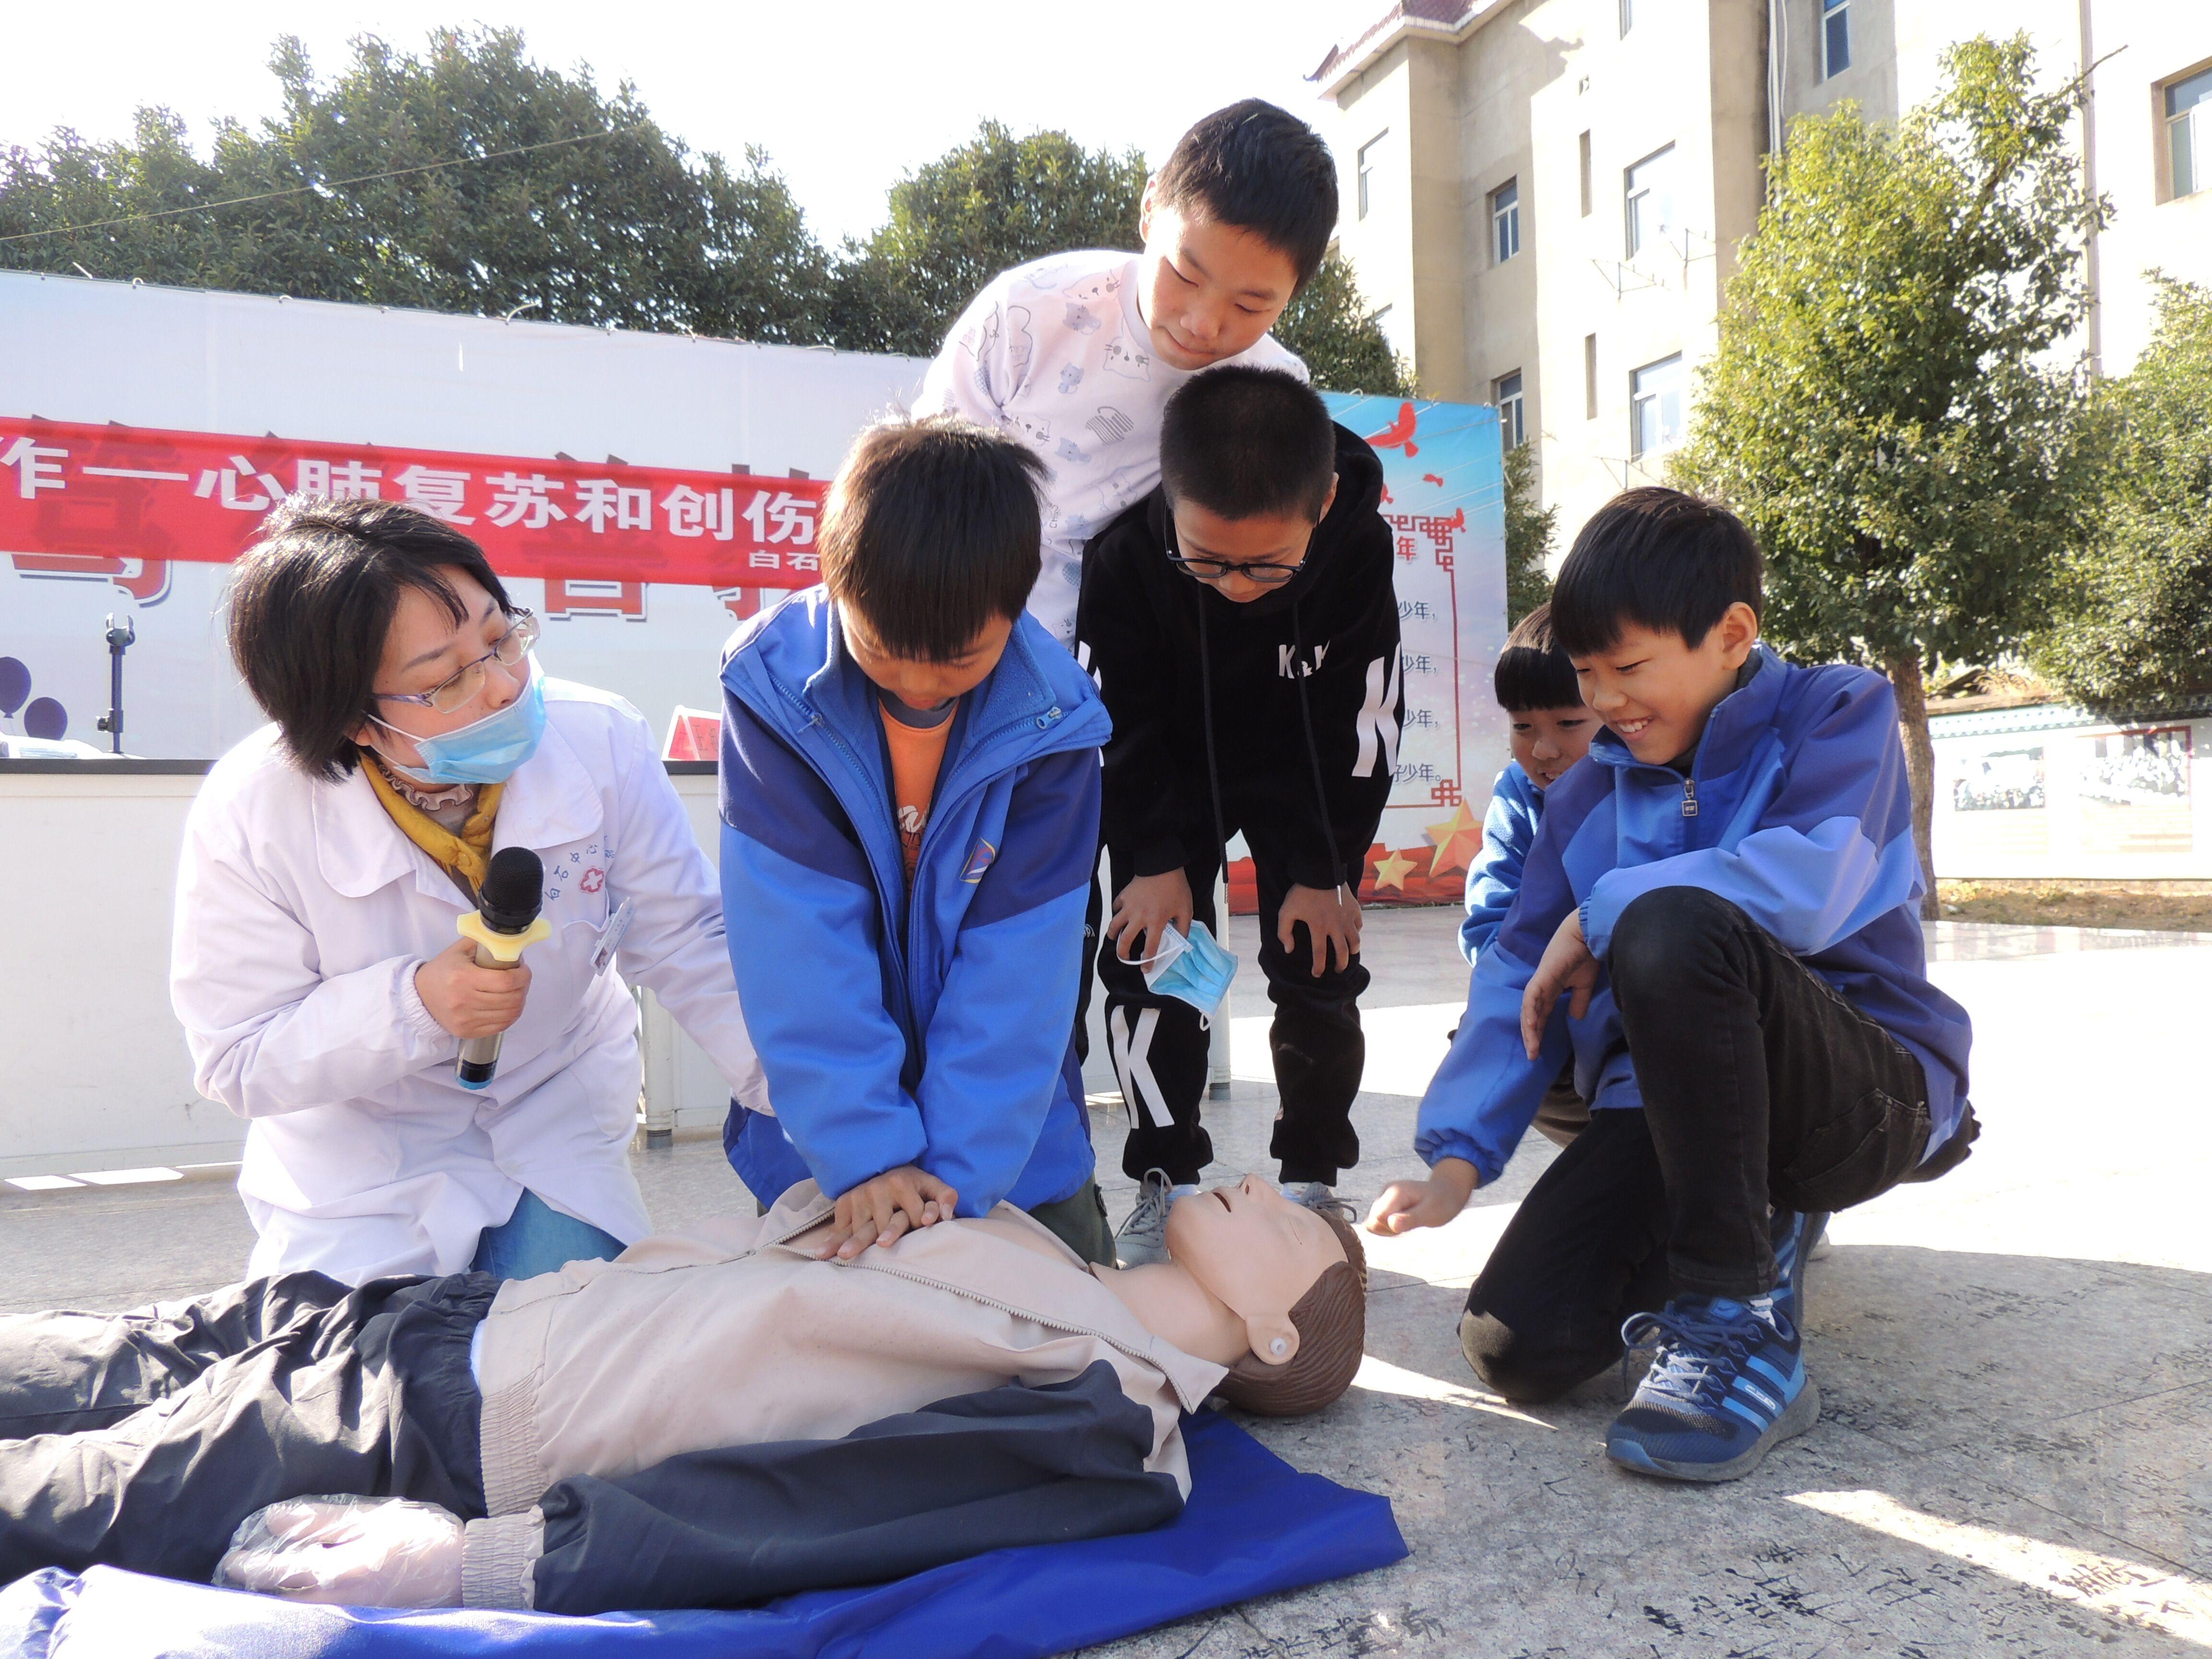 常山县白石小学教卫合作为学生健康成长保驾护航